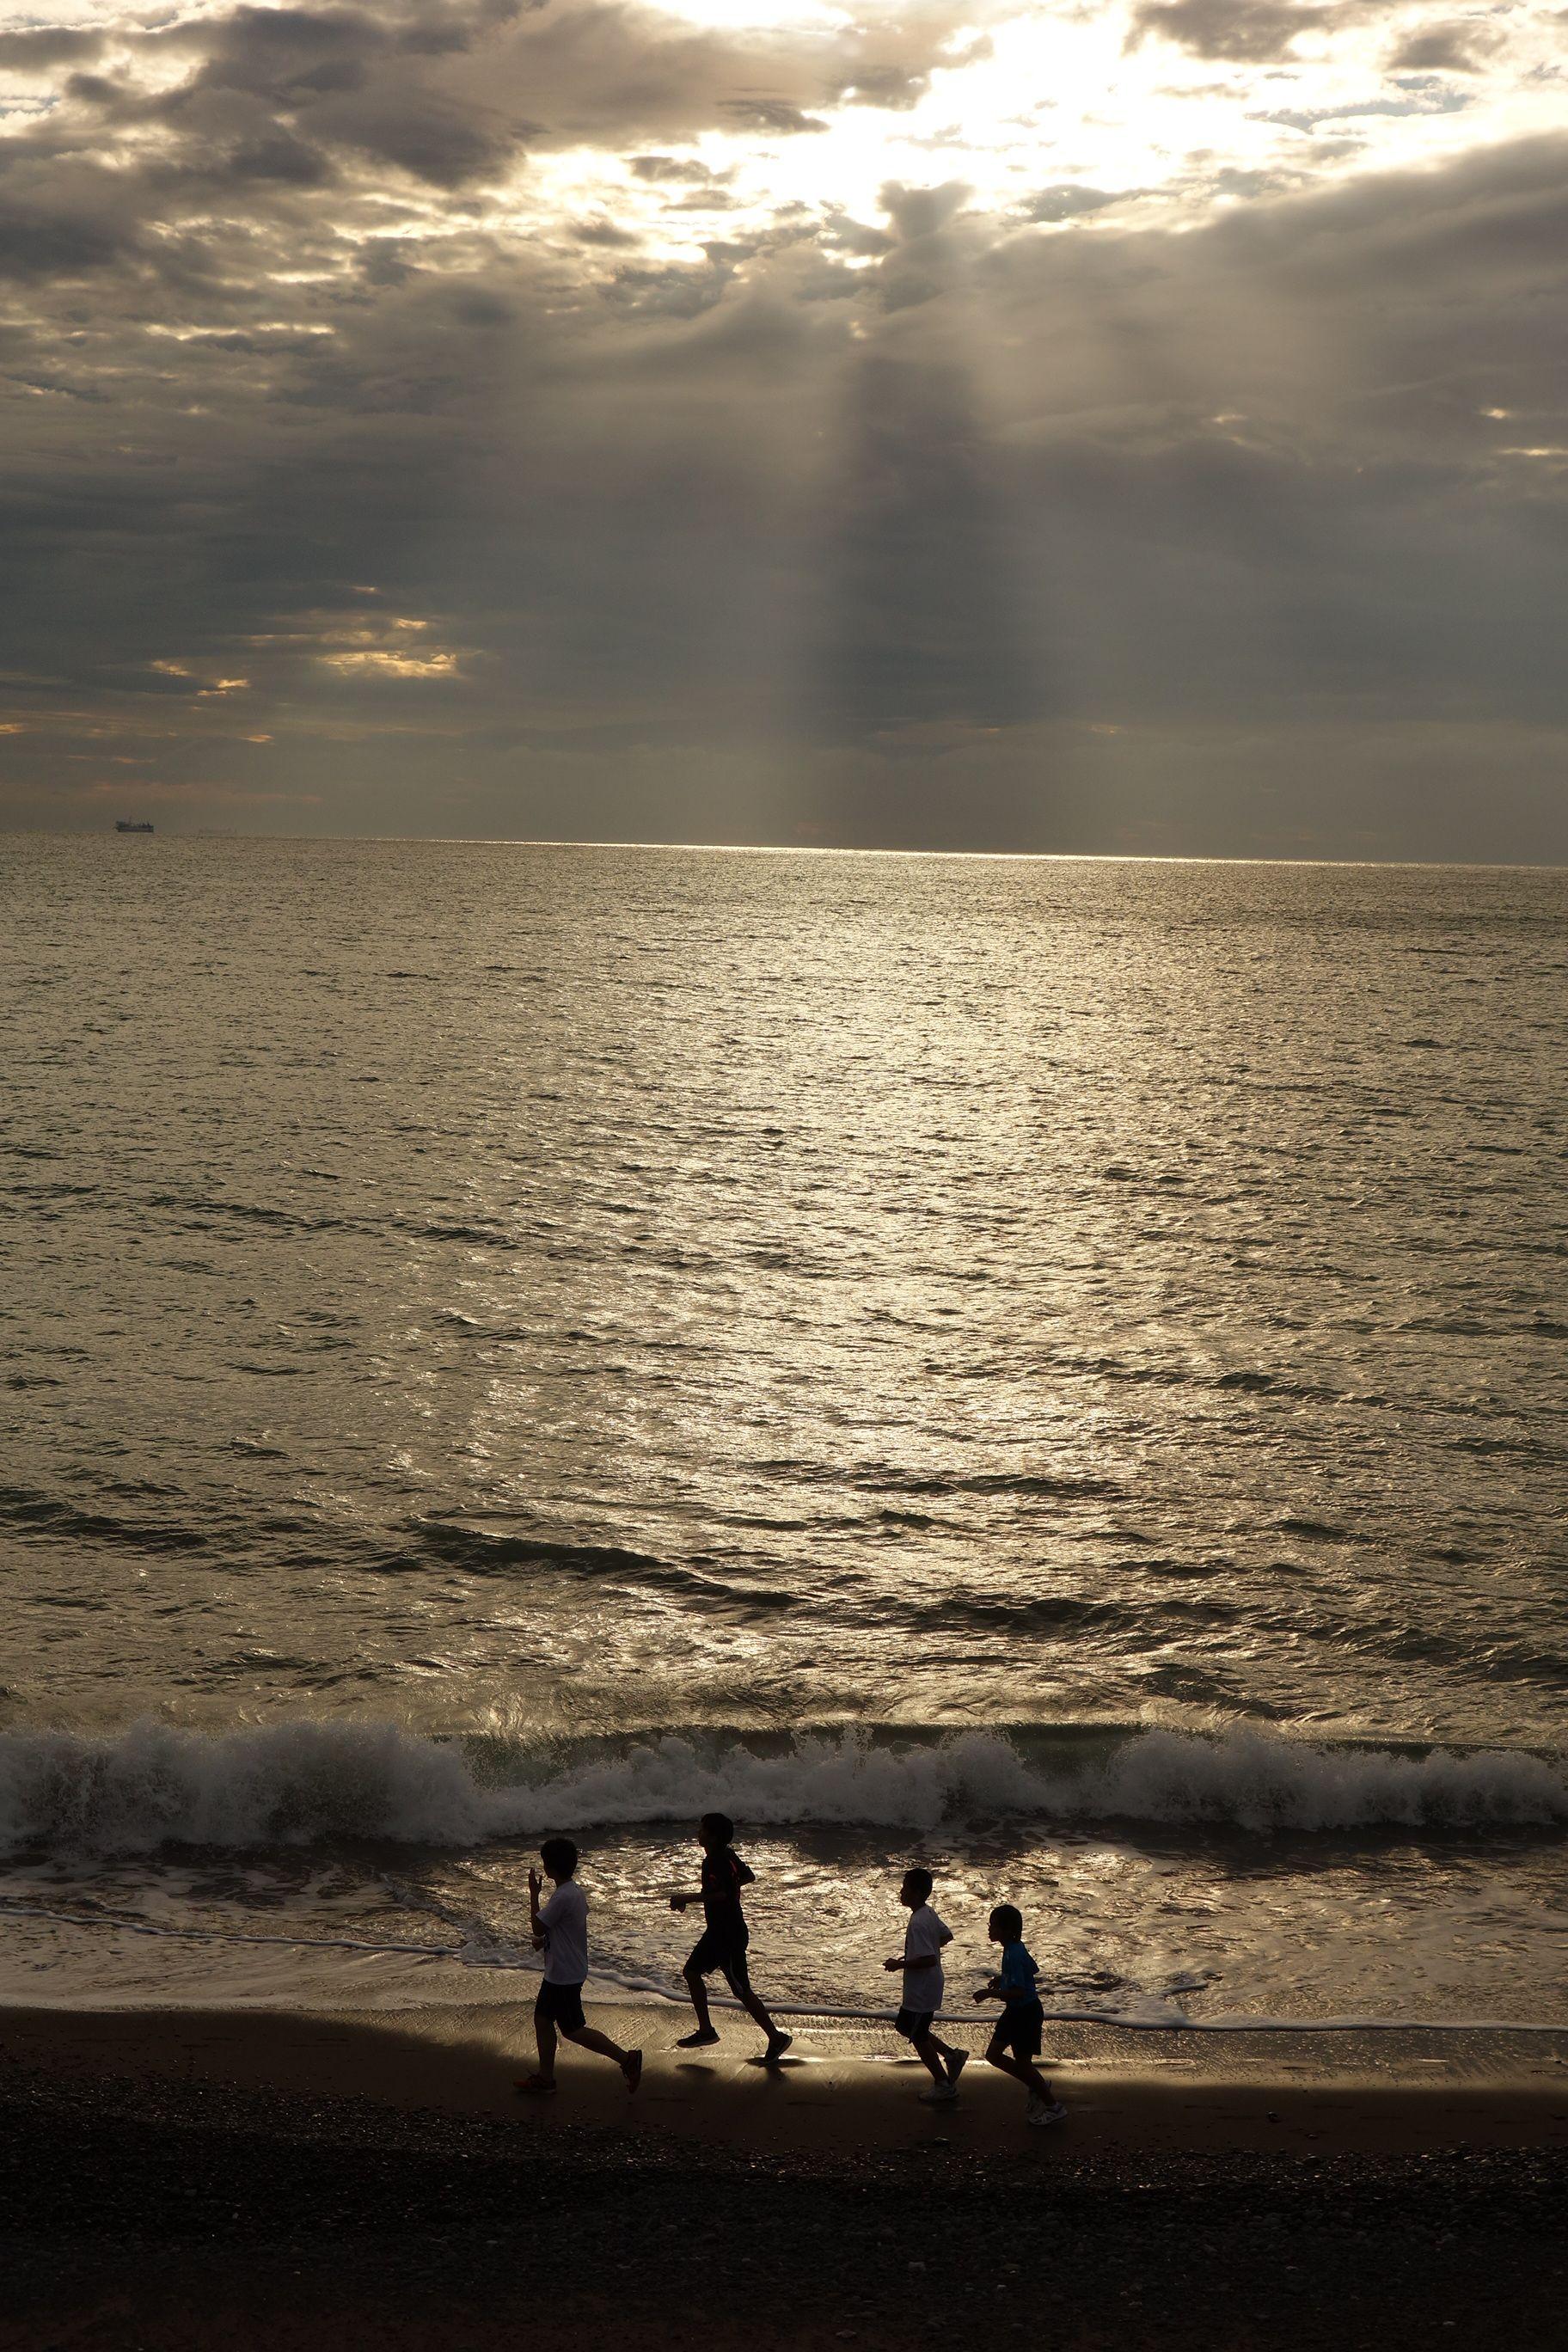 海岸を走る高校生 海岸 健康 走る